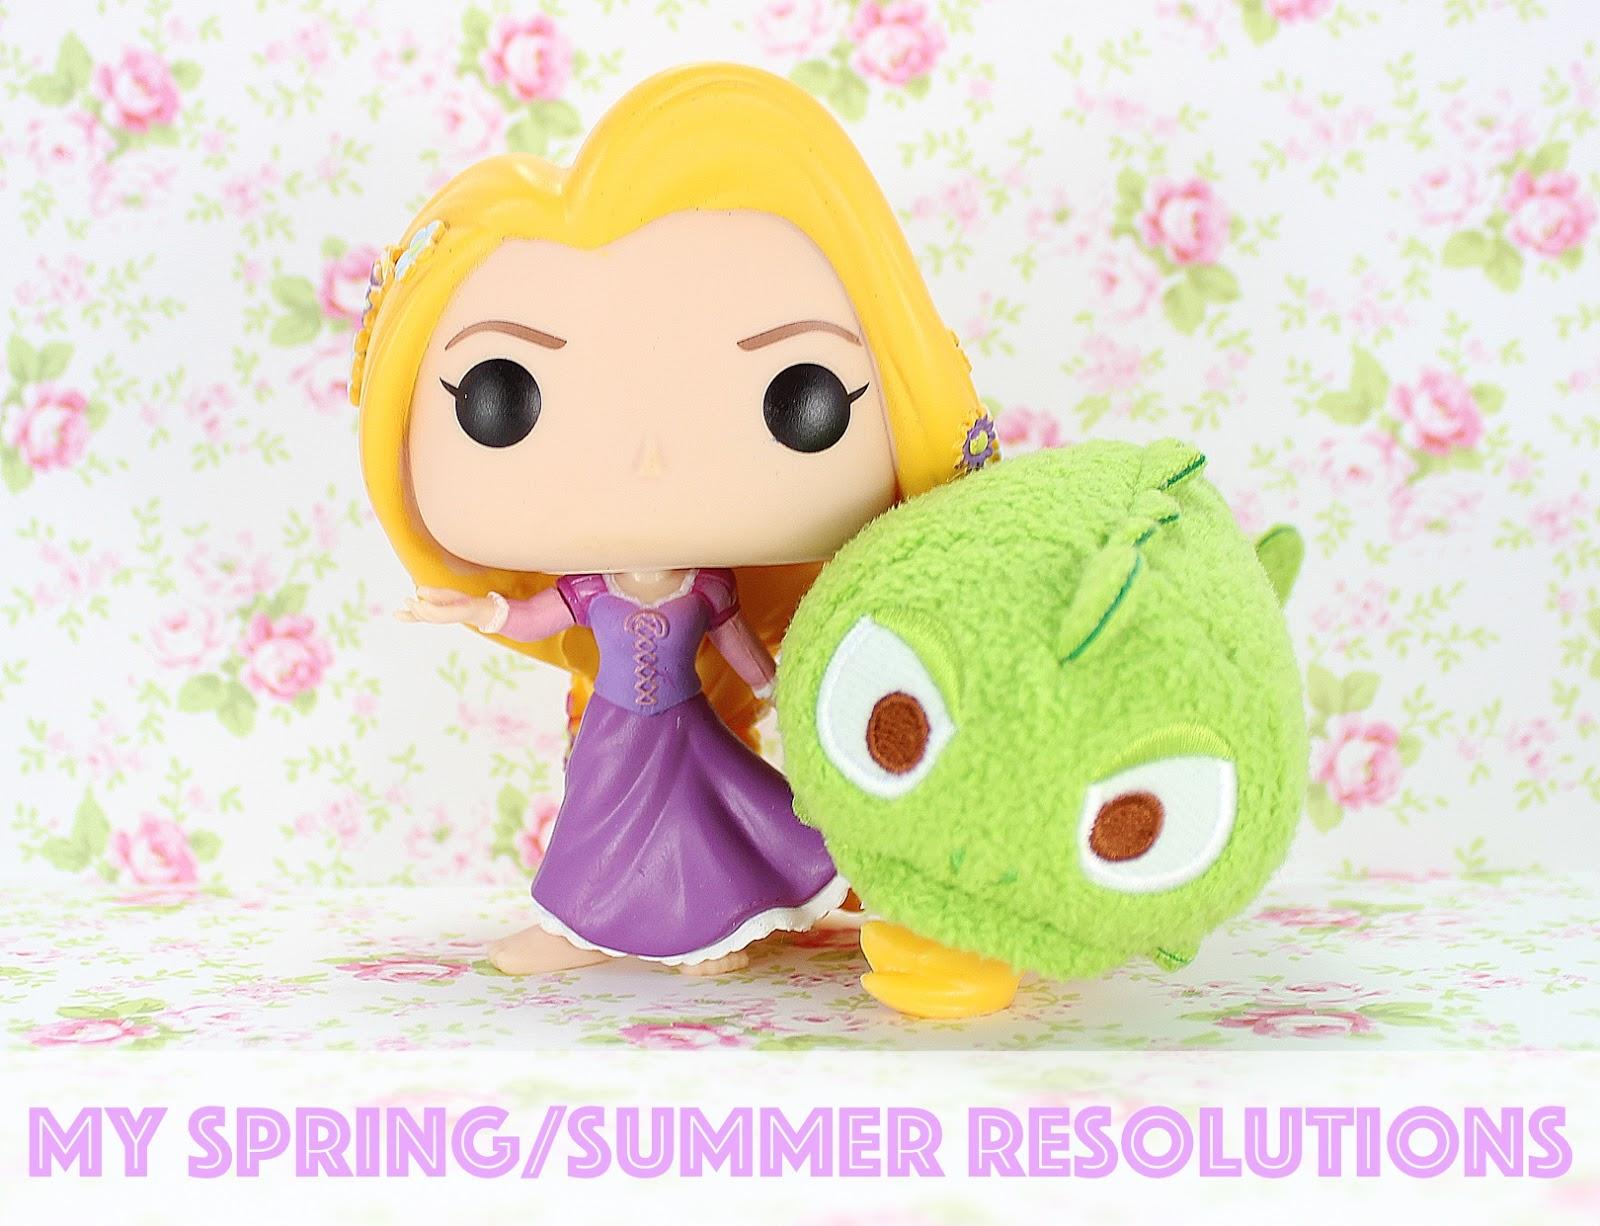 My Spring/Summer Resolutions